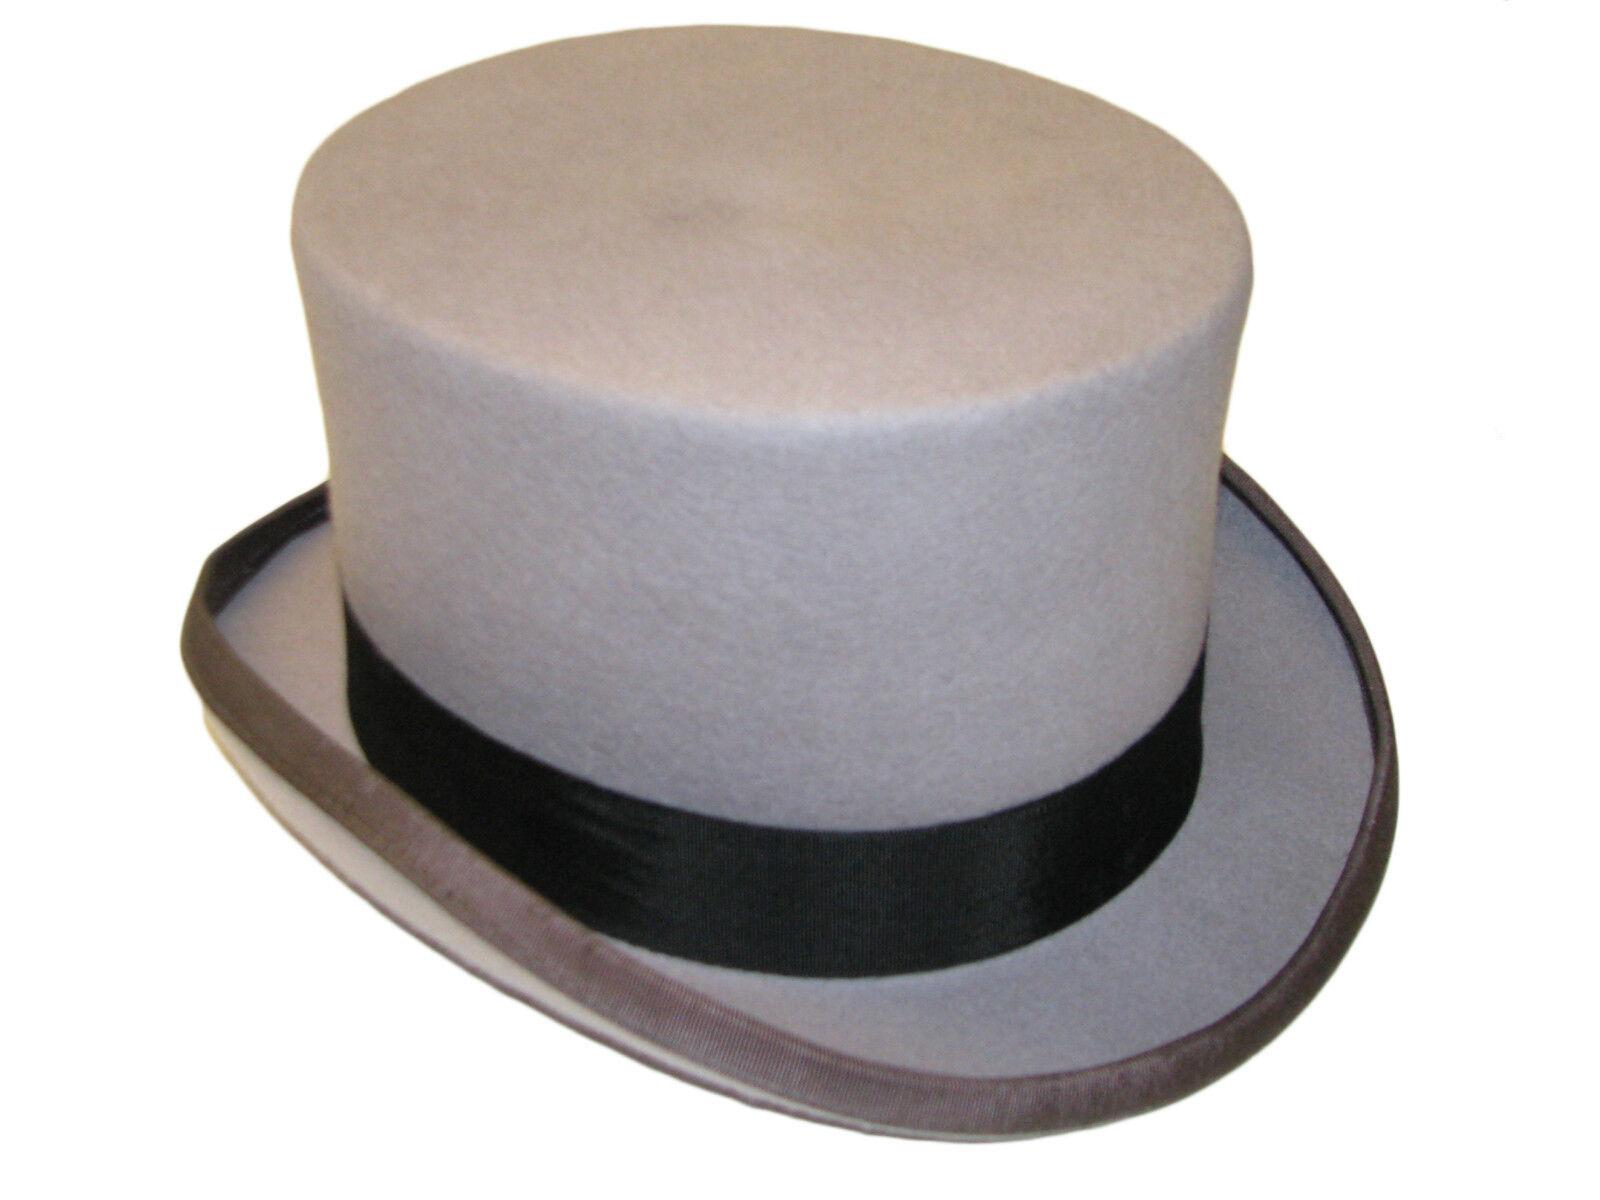 02b8dac41865 Detalles de Nuevo Hombre Boda Ascot Evento 100% Lana Gris Fieltro Sombrero  de Copa Forro